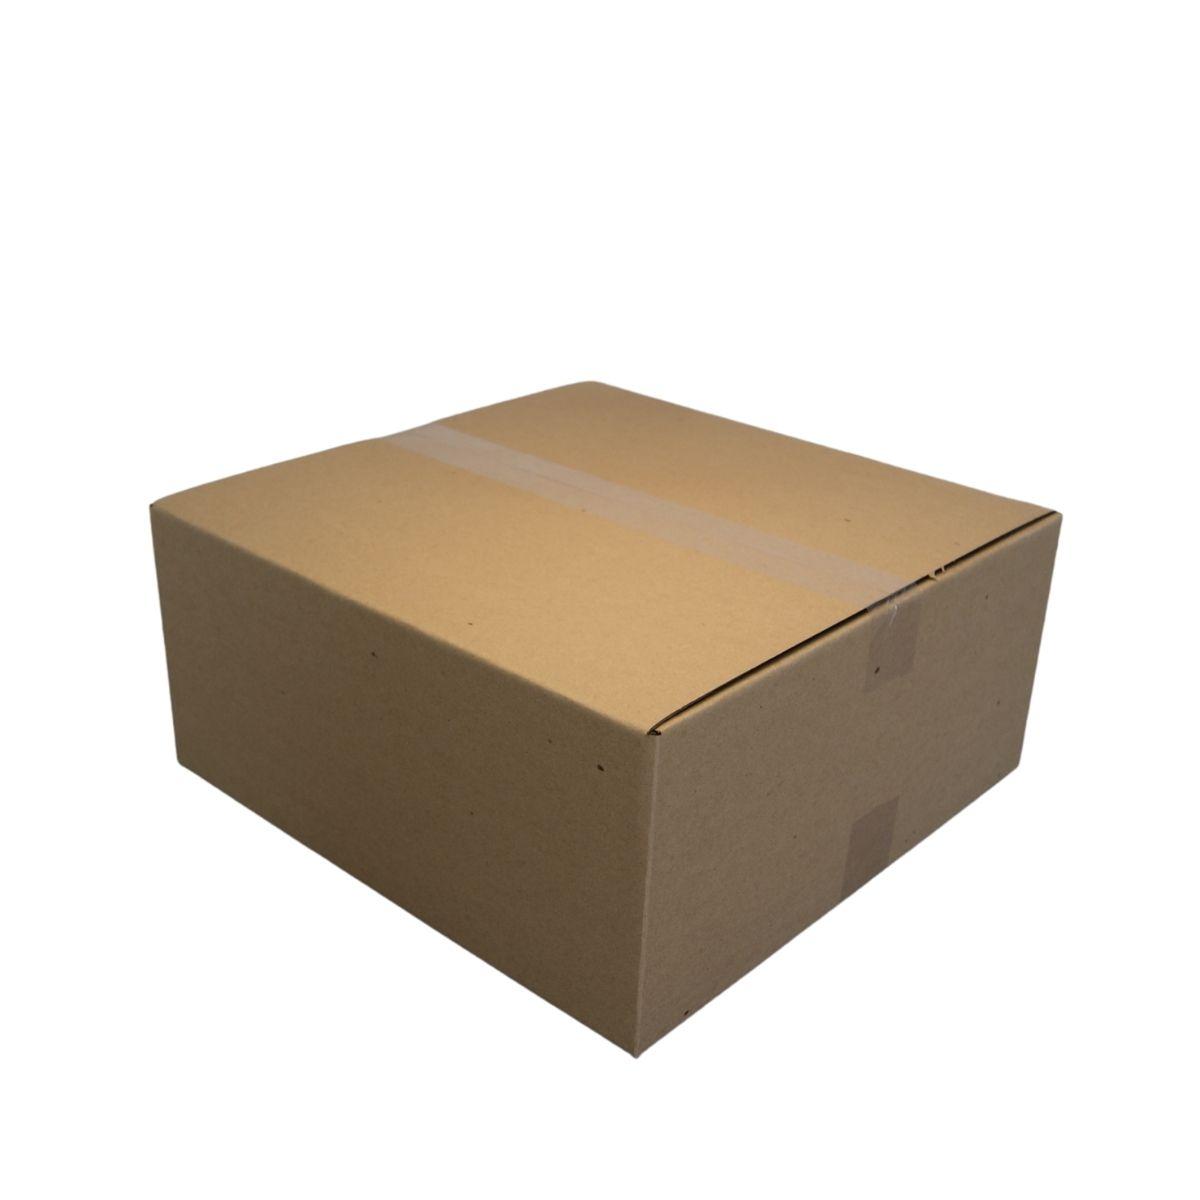 100 Caixas de Papelao (35X35X16)cm - Sedex / Pac / Correios